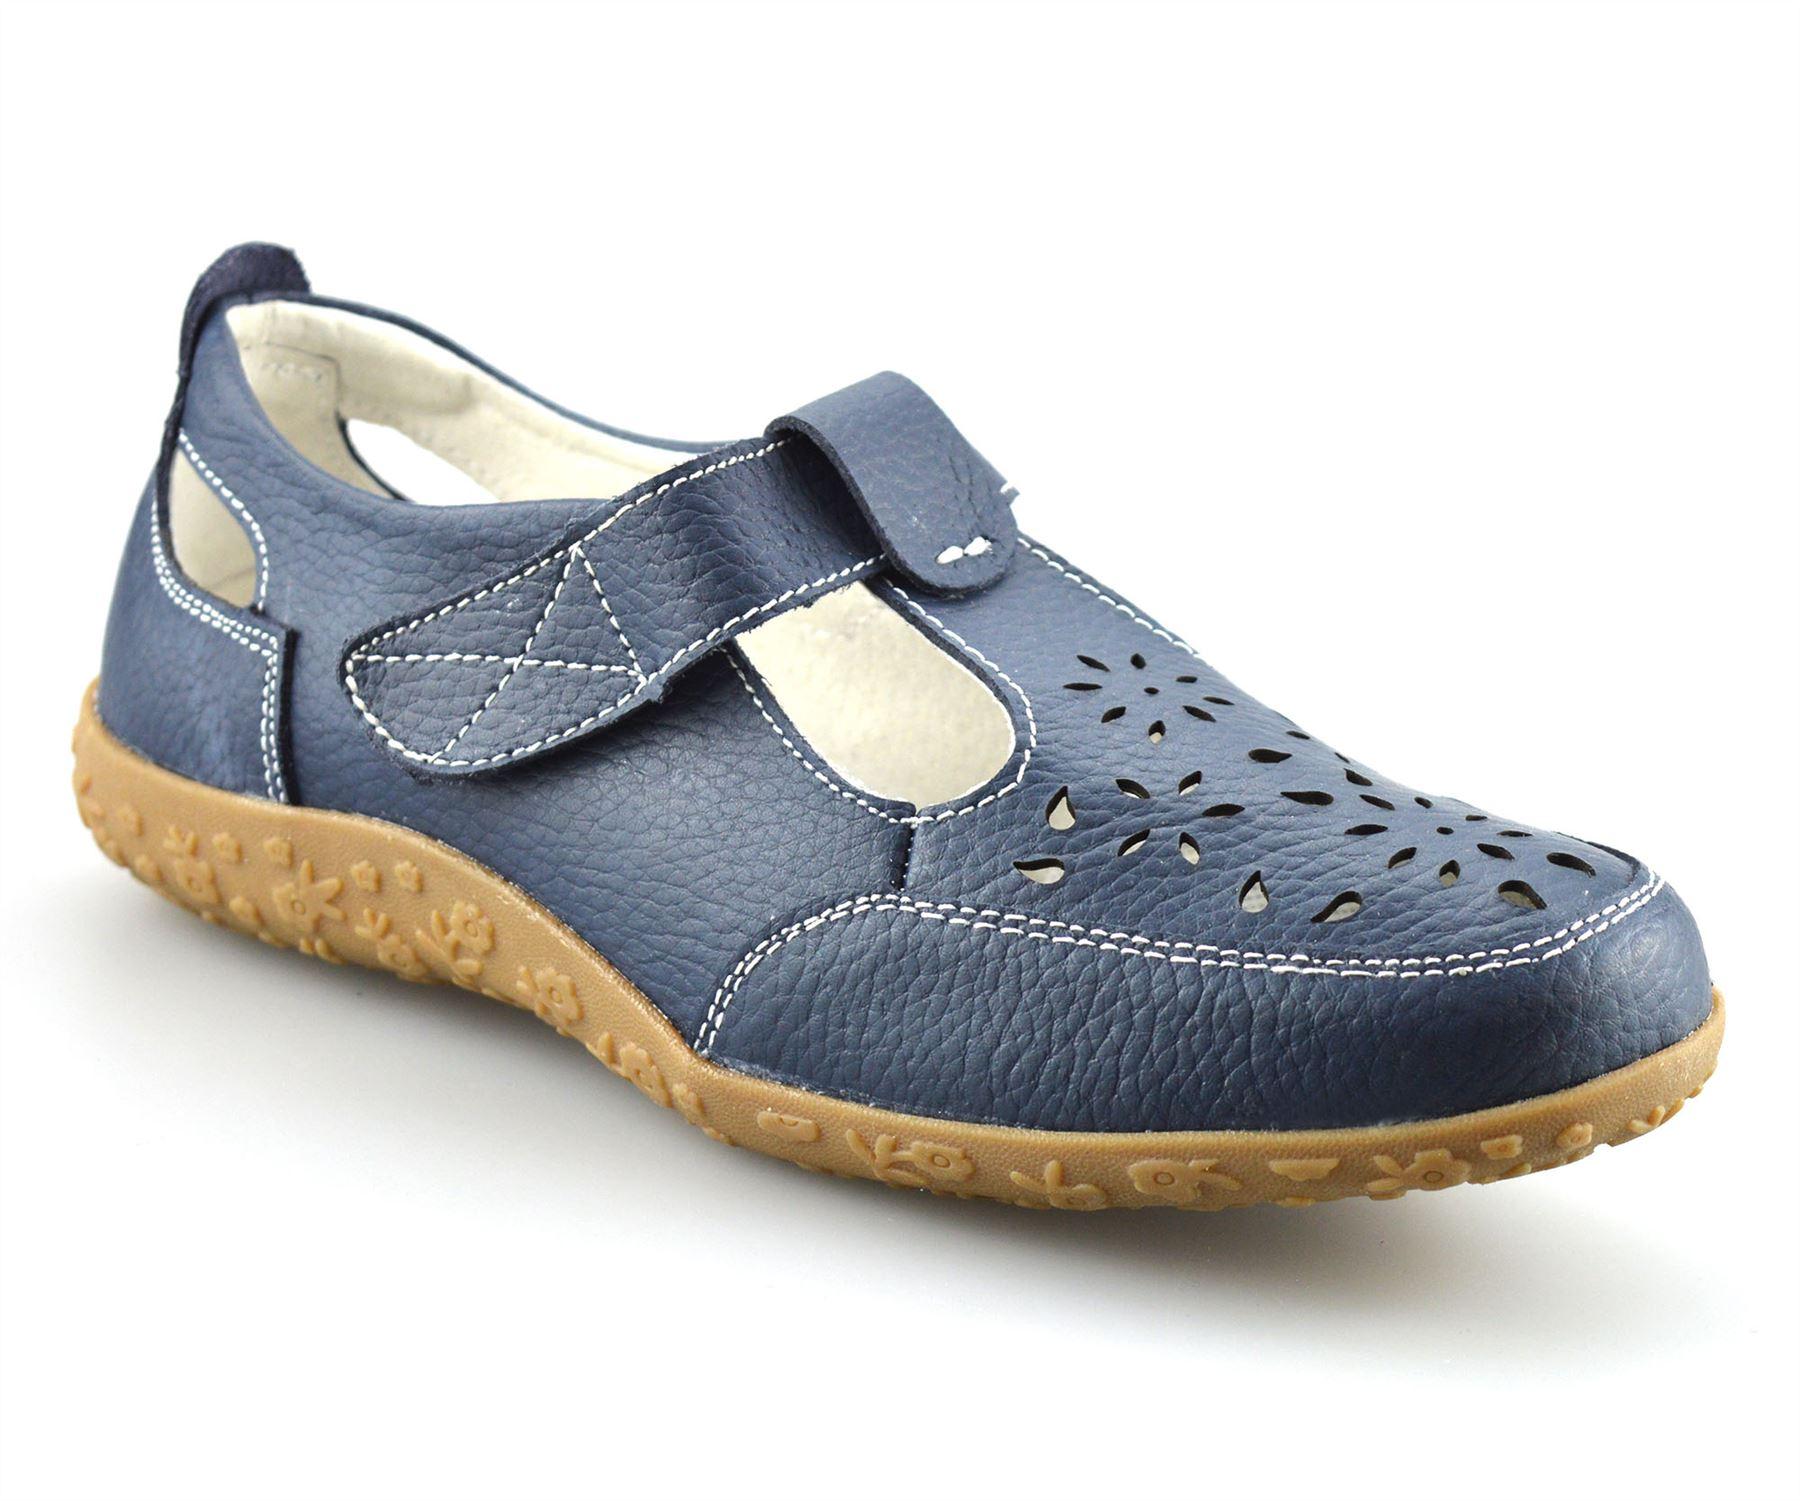 Damart Ladies Flat Shoes